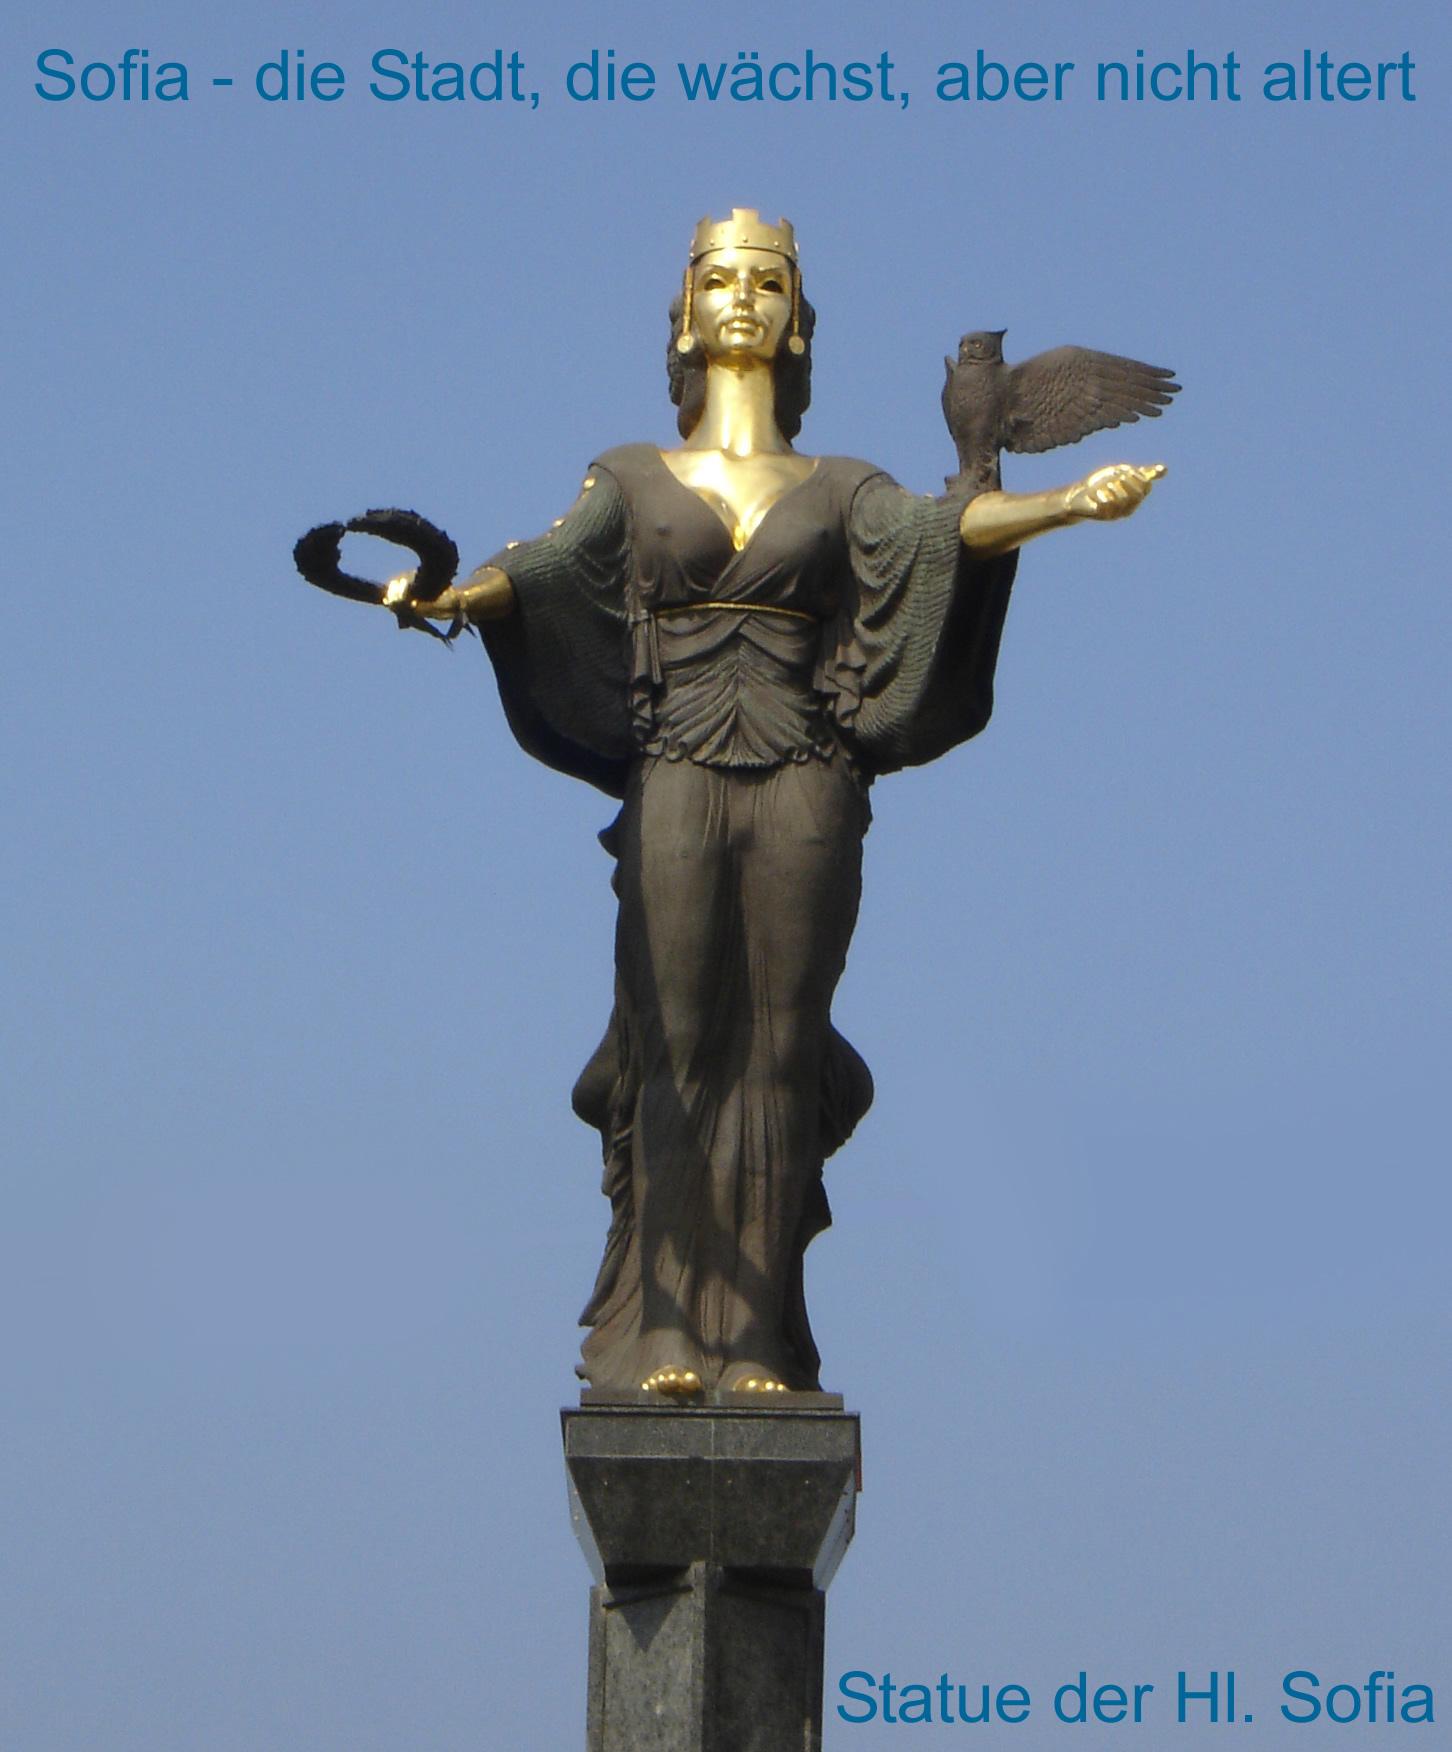 Statue der Hl. Sofia